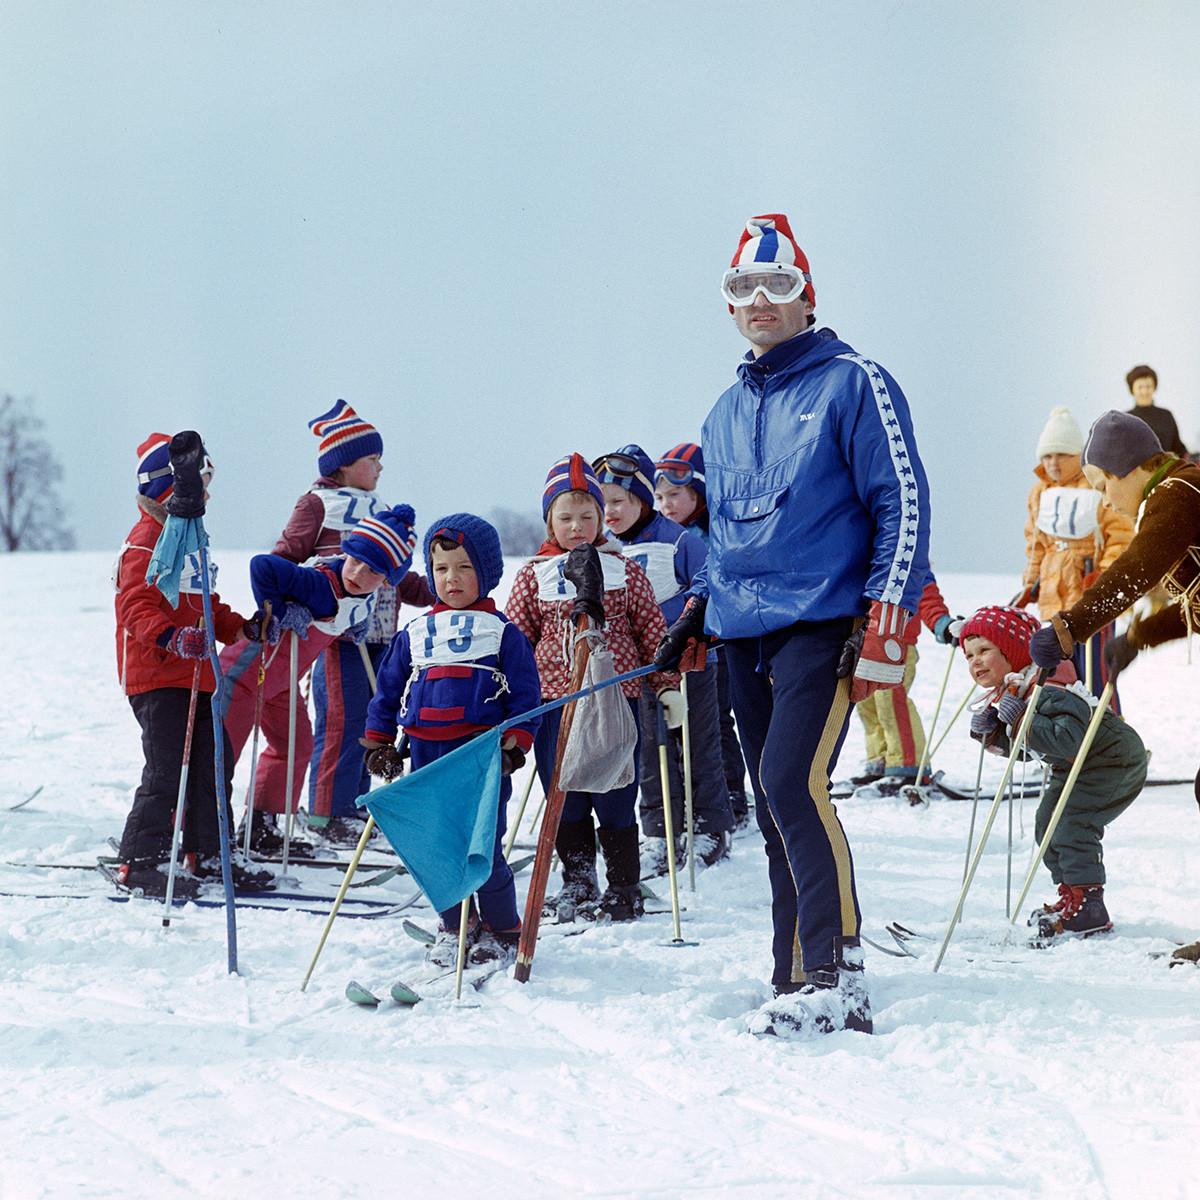 Jeunes skieurs lors d'une compétition à Moscou, en 1981